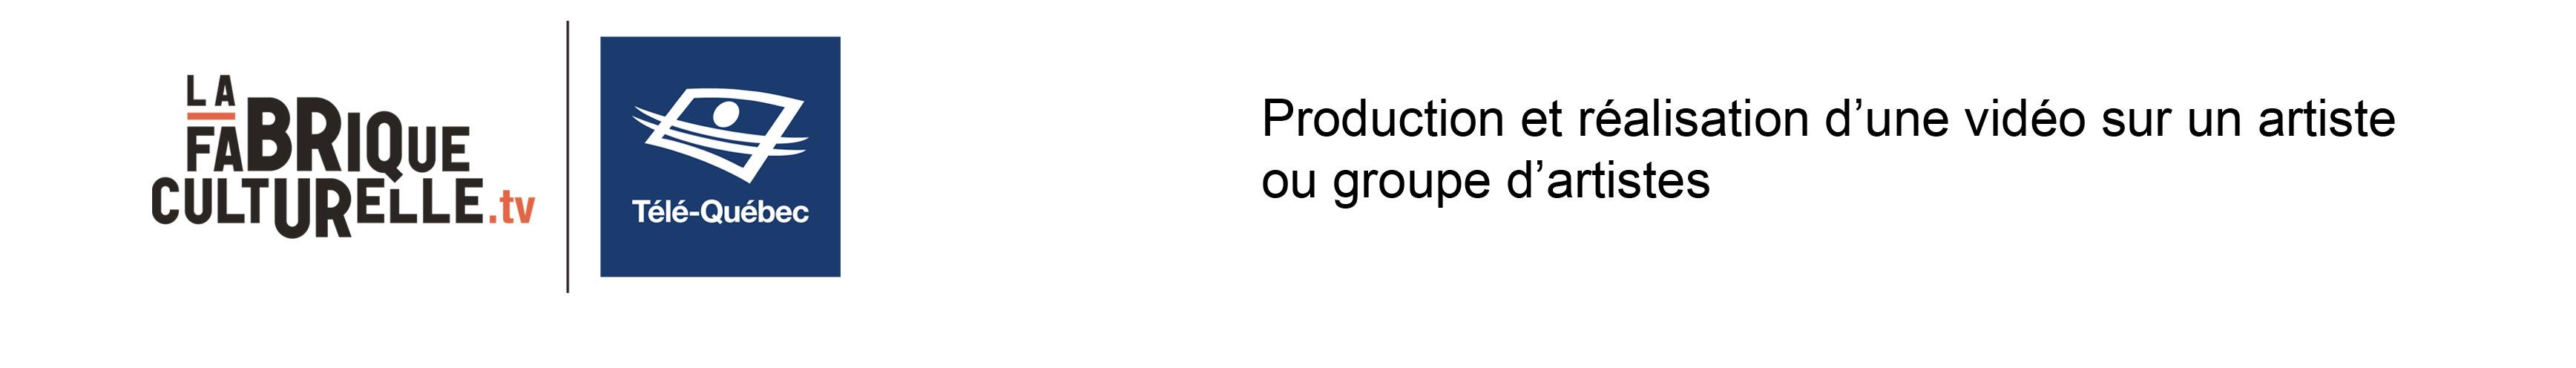 CDP_site_fabriqueculturelle